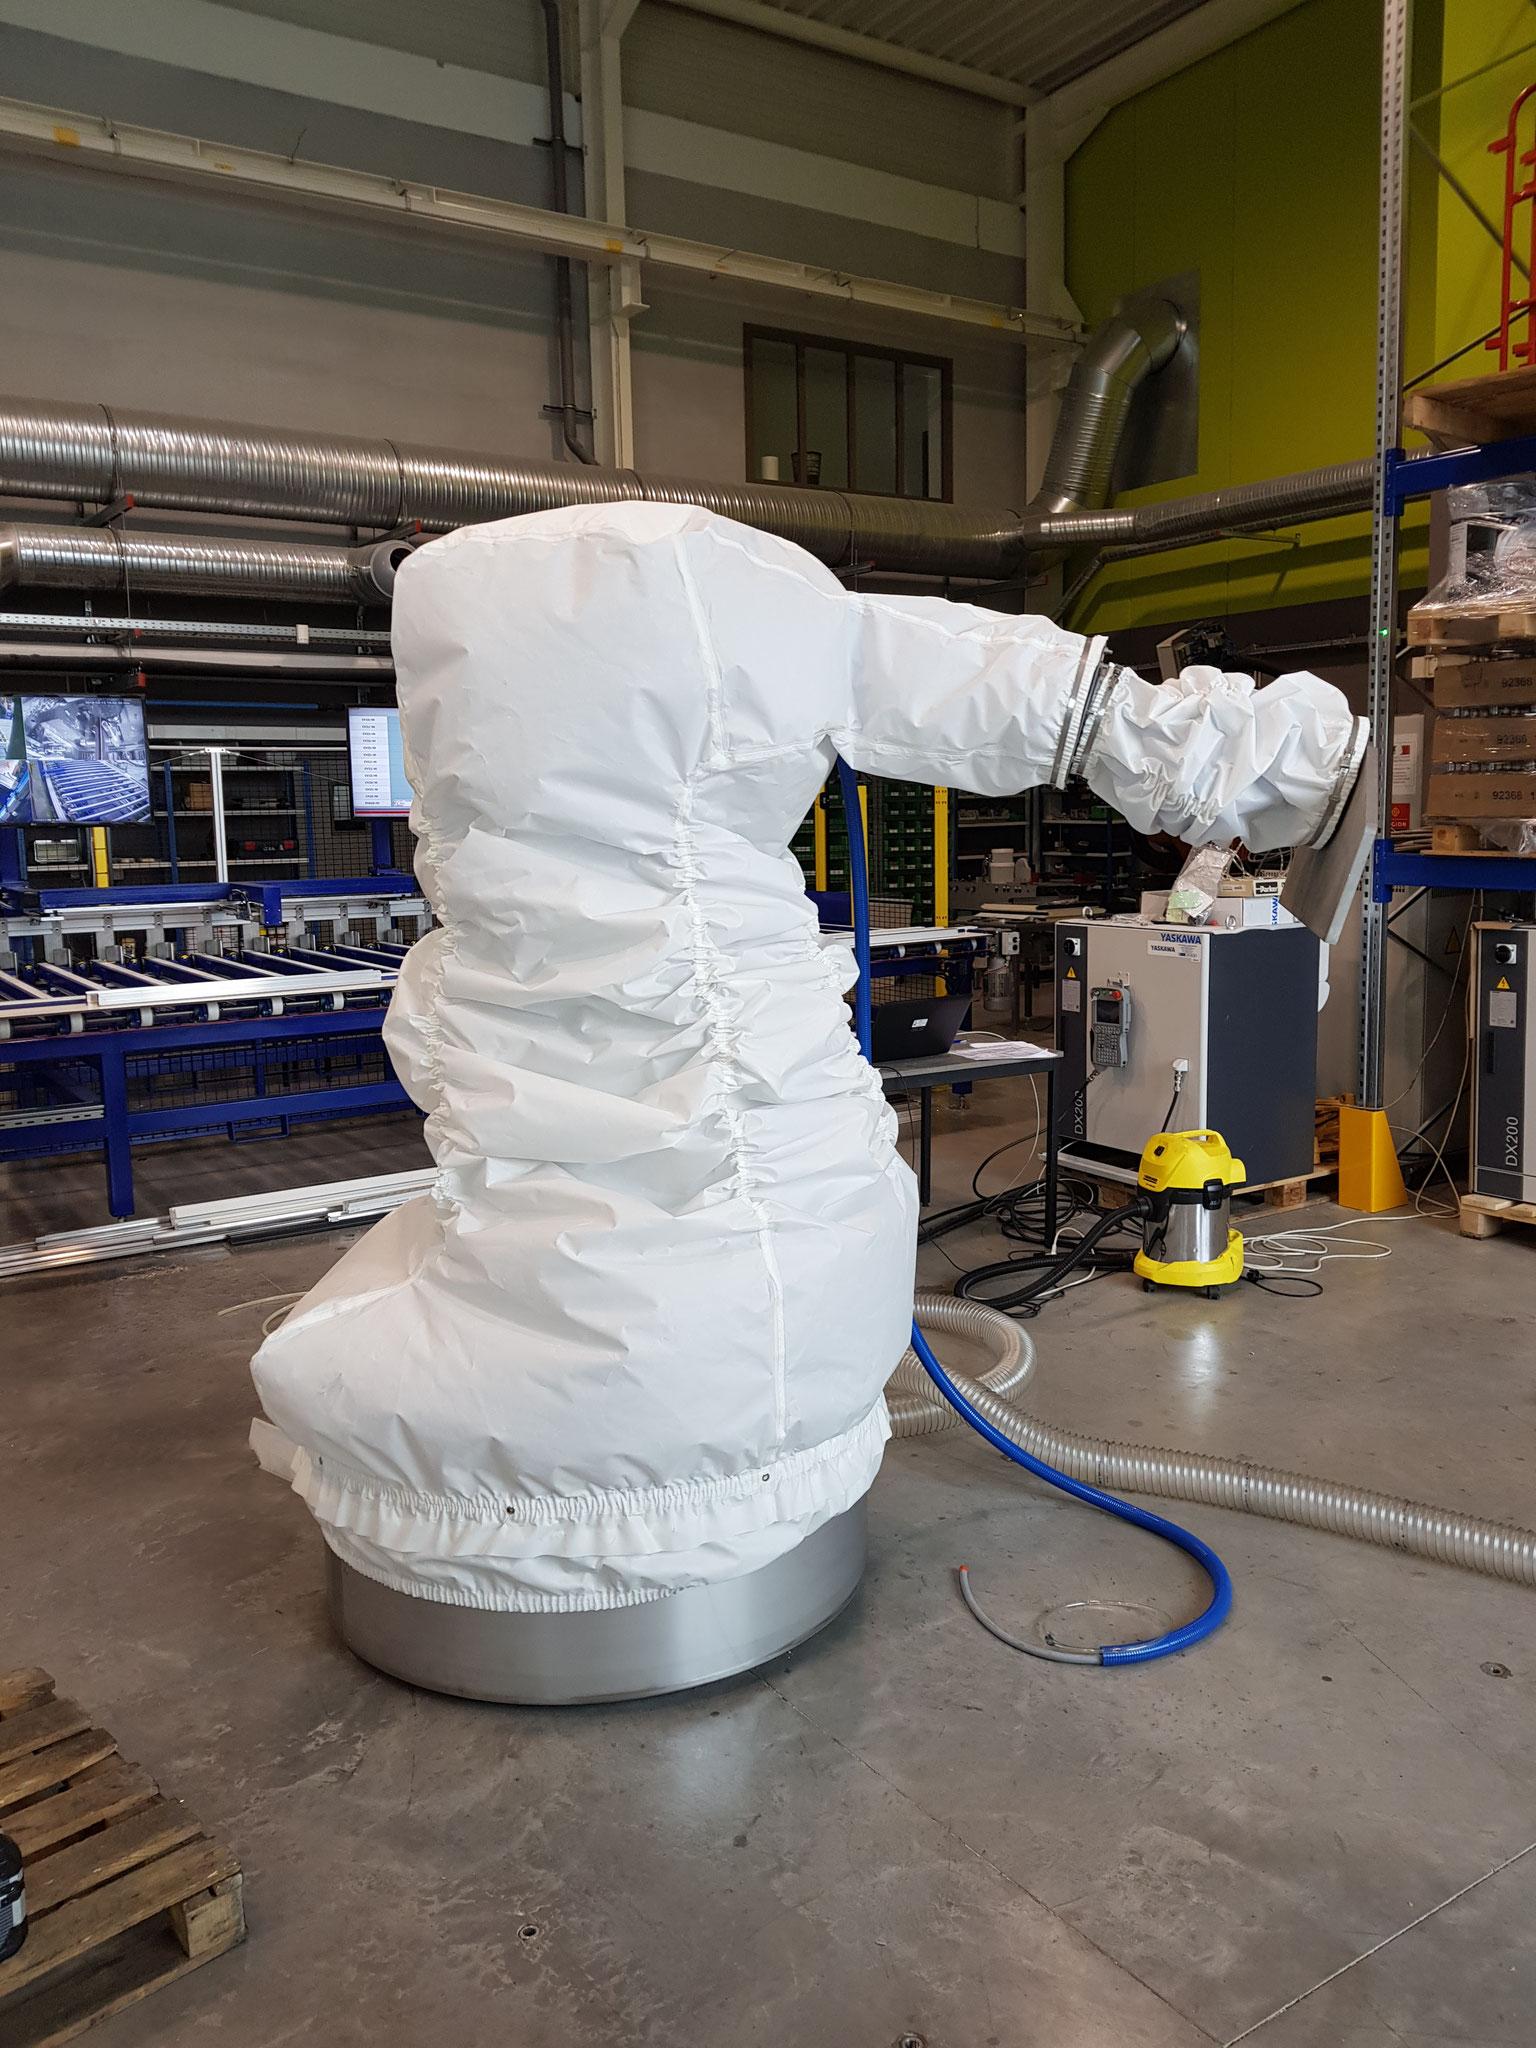 Housse de protection pour robots industriels HDPR